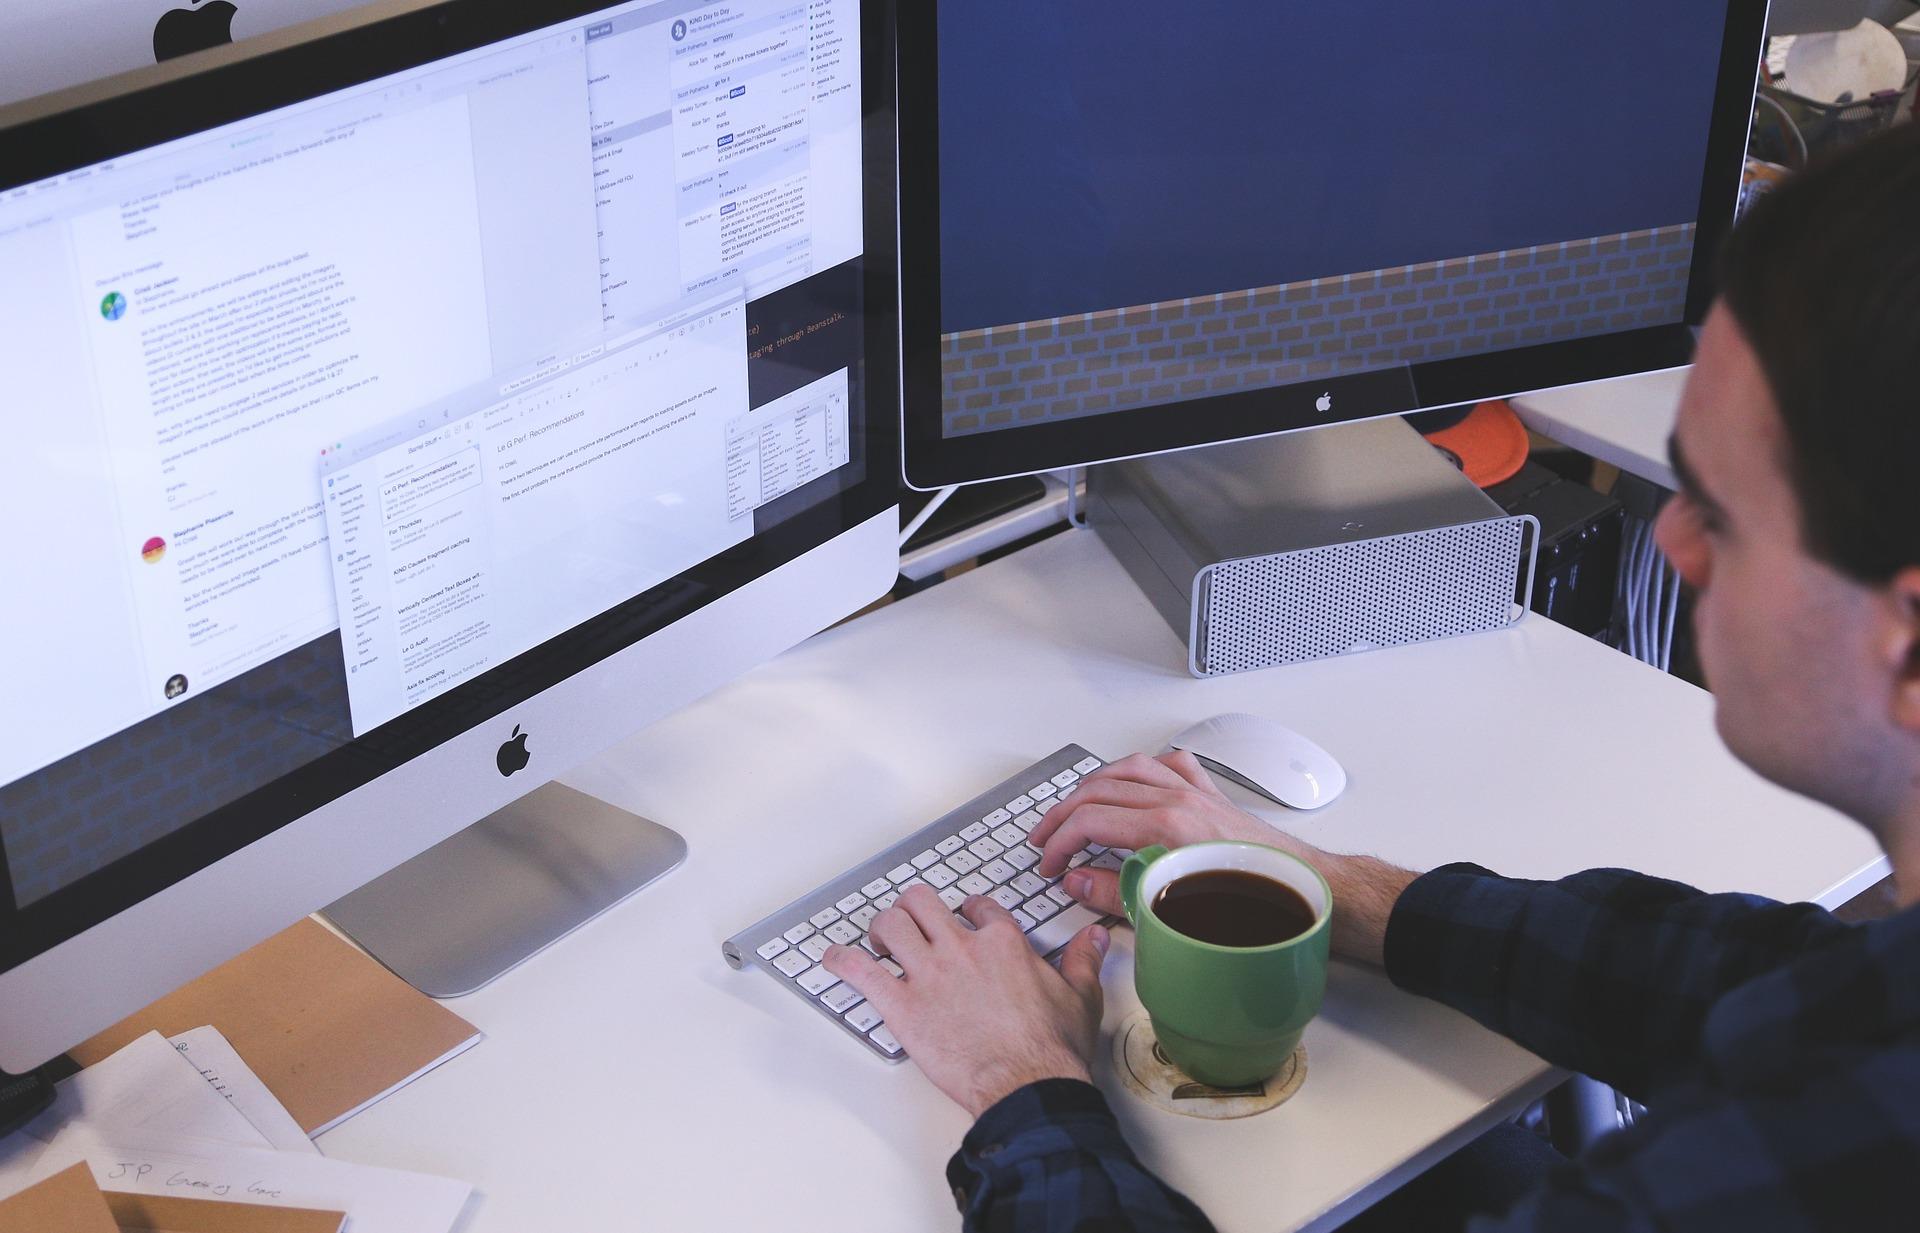 שירותי משרד אונליין: השדרוג שאתם צריכים לניהול העסק